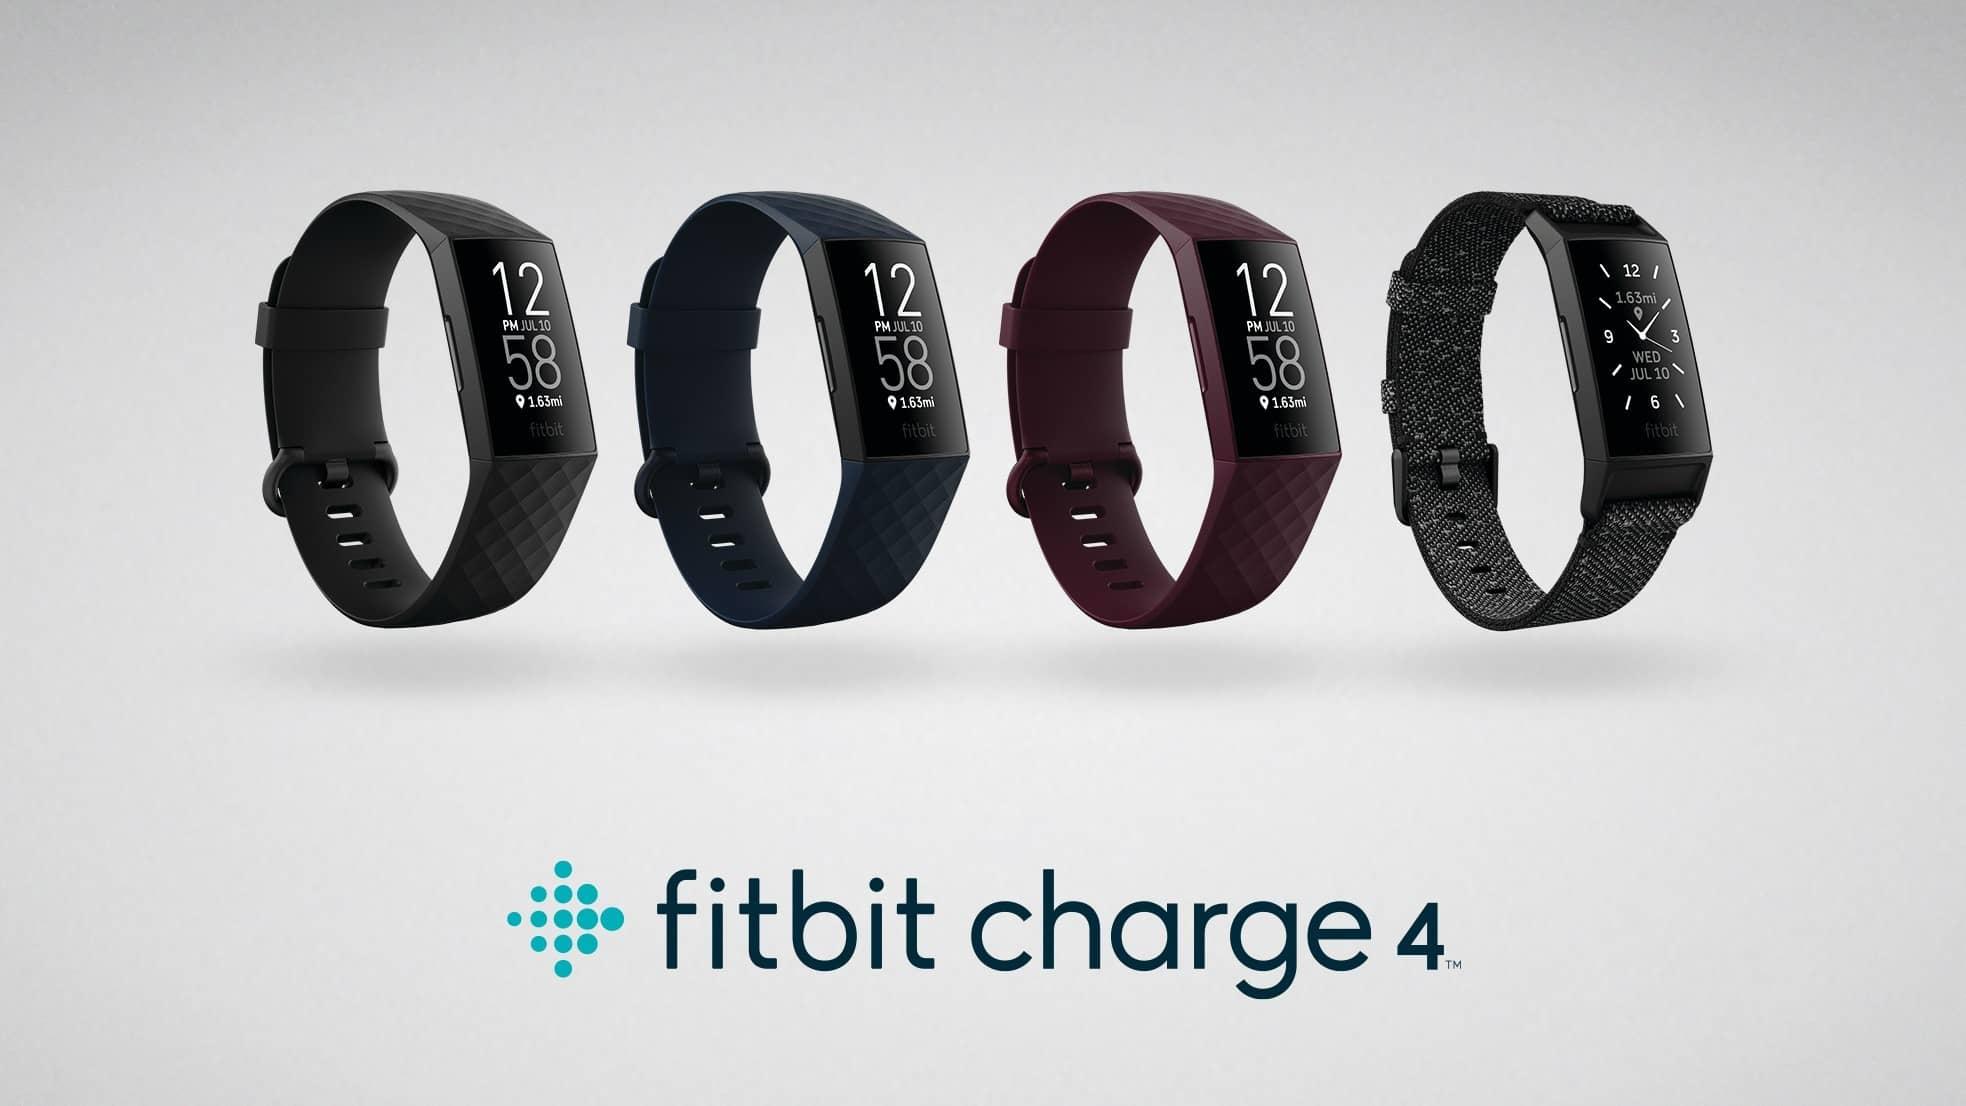 ดีไซน์ของ Fitbit Charge 4